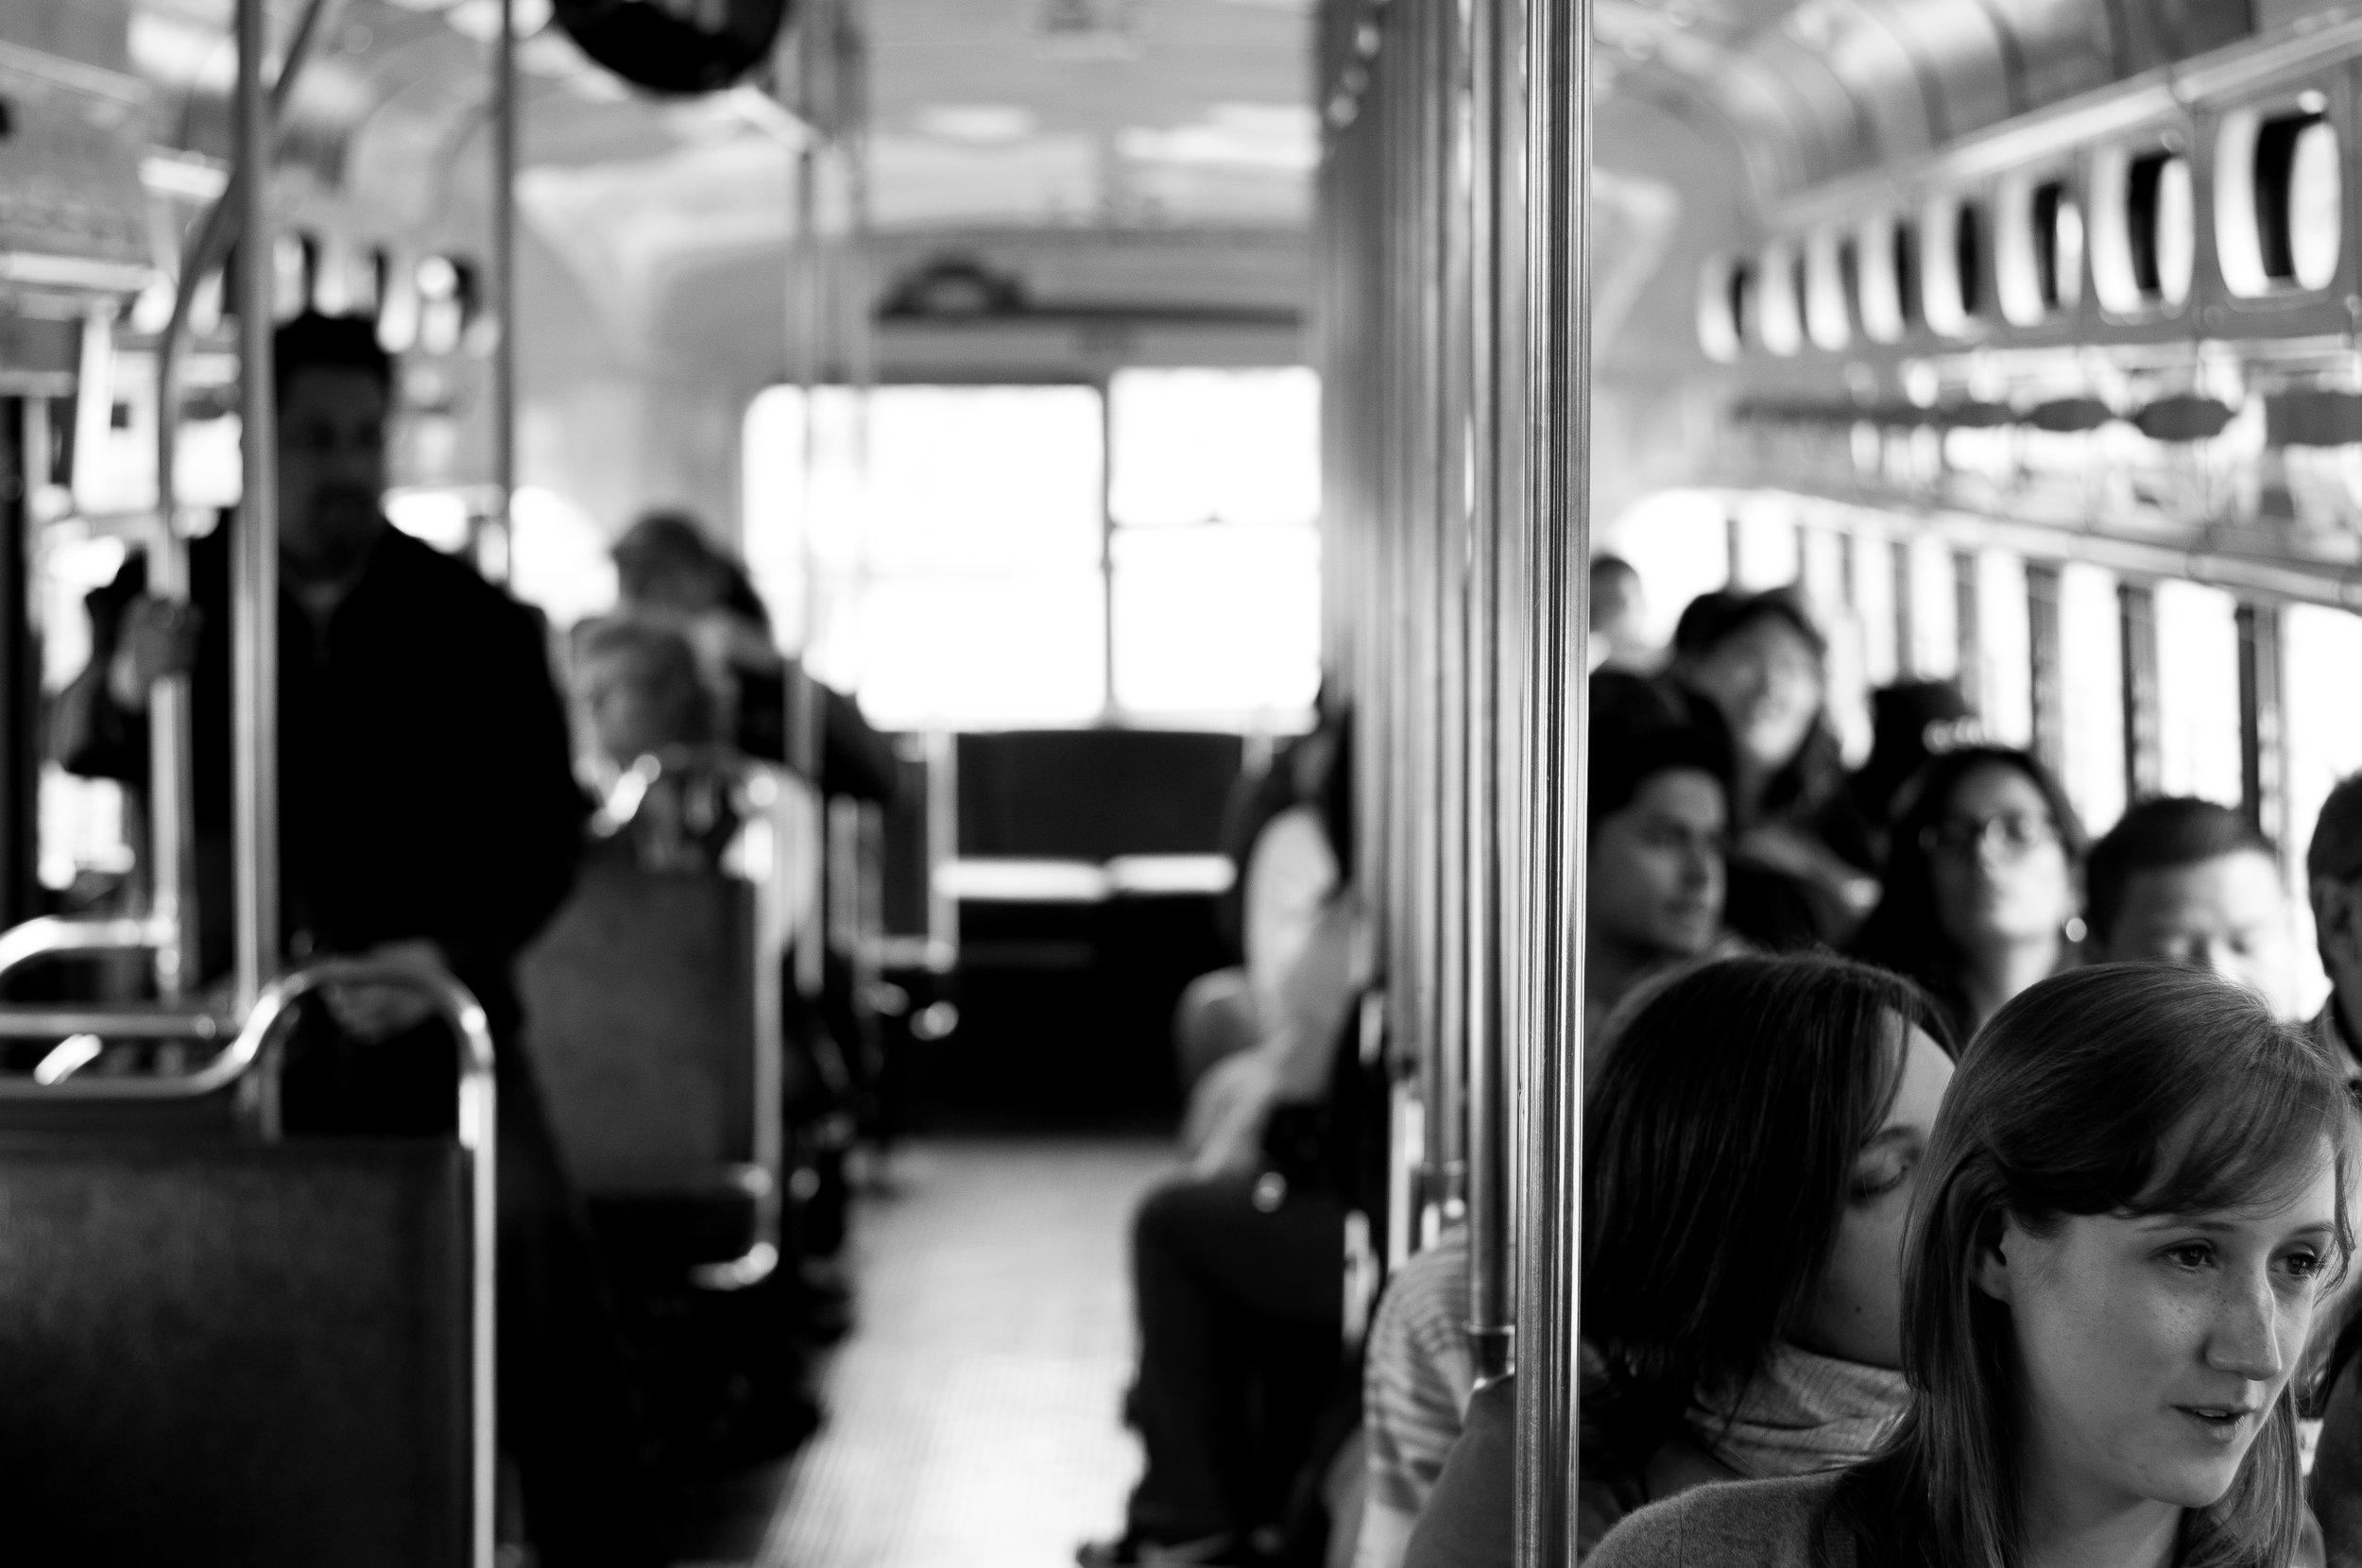 Streetcar-1760.jpg